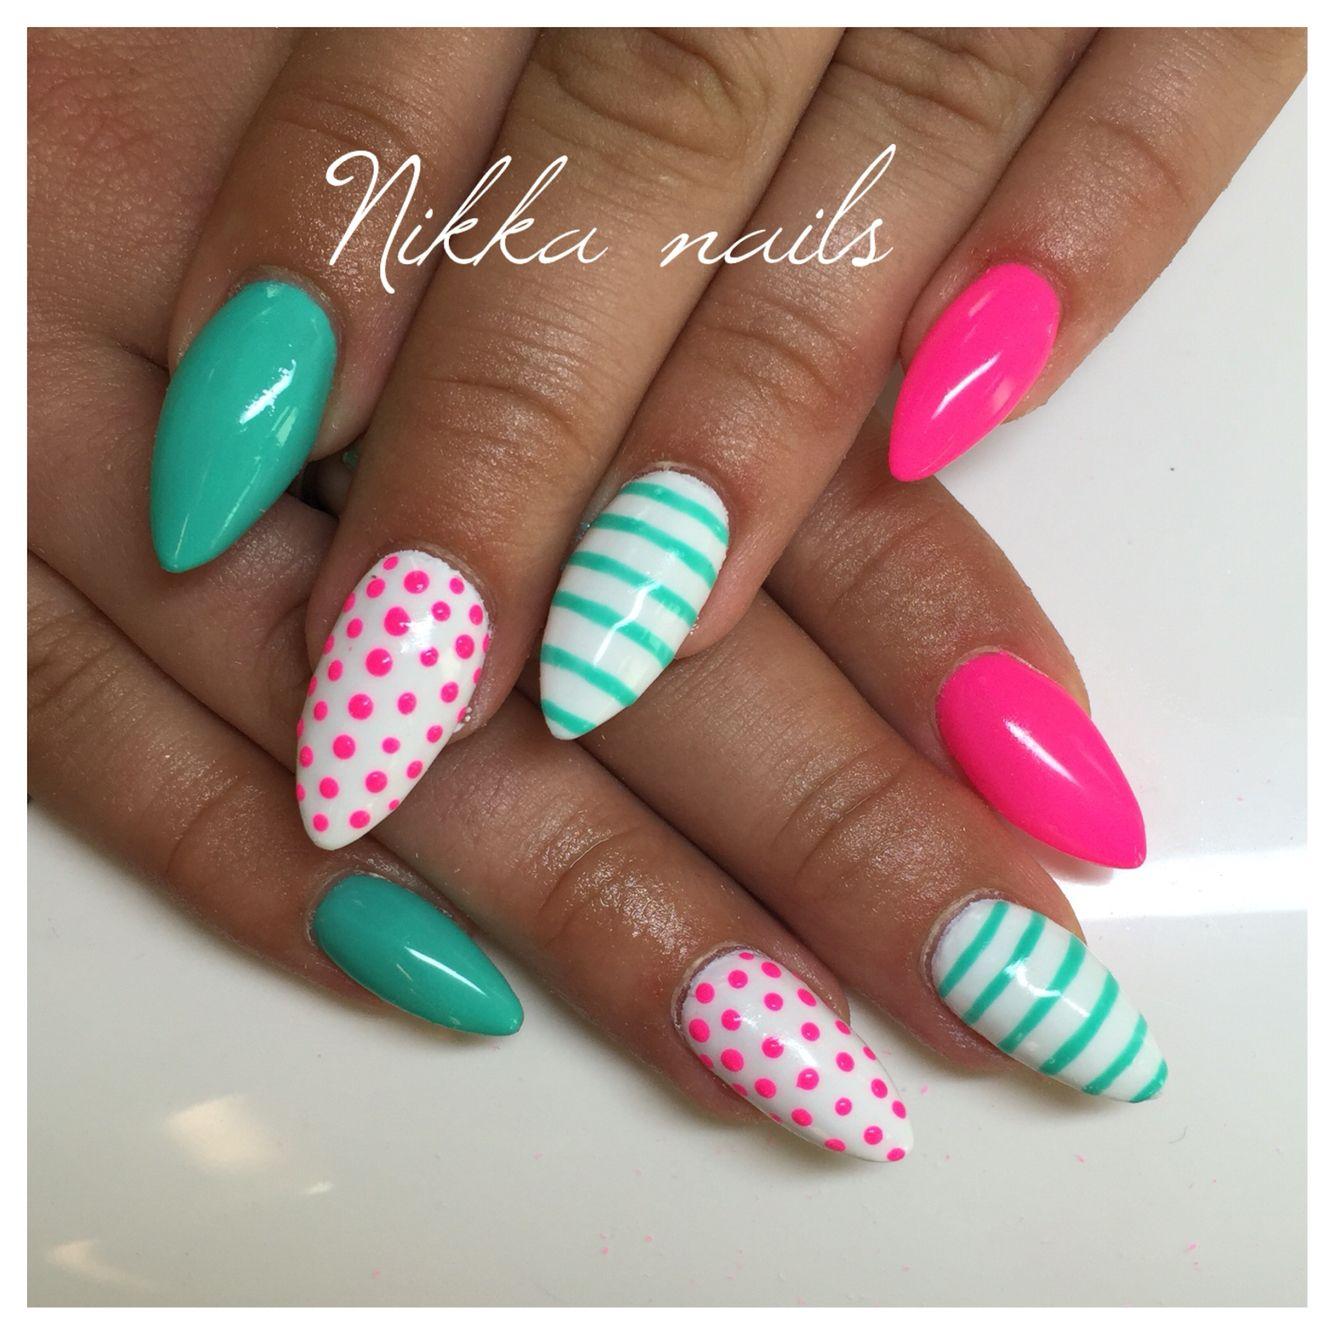 Nikka Nails Summer Nails Pink Nails Crazy Nails Aquamarine Tyrquoise Neon Nails